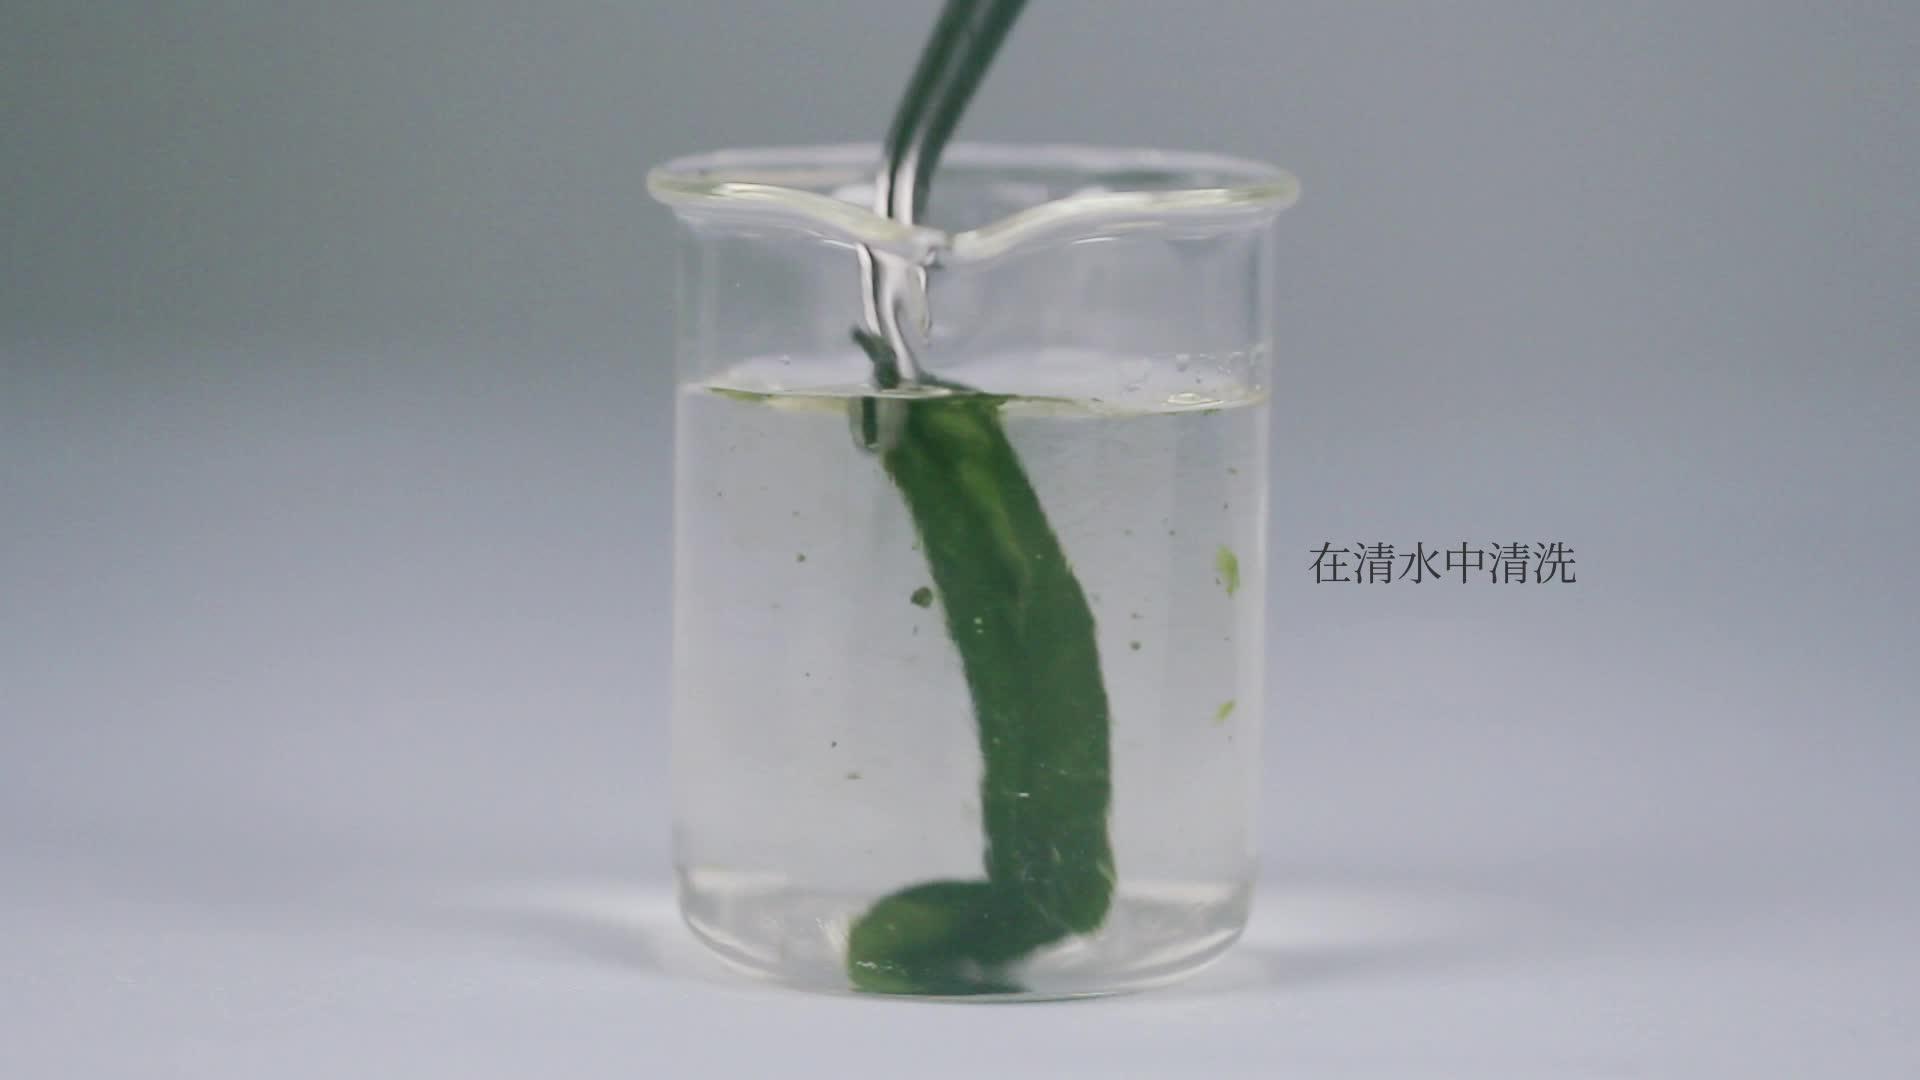 【限时折扣】10.1 制作叶脉书签-【火花学院】人教版九年级化学下册实验演示视频